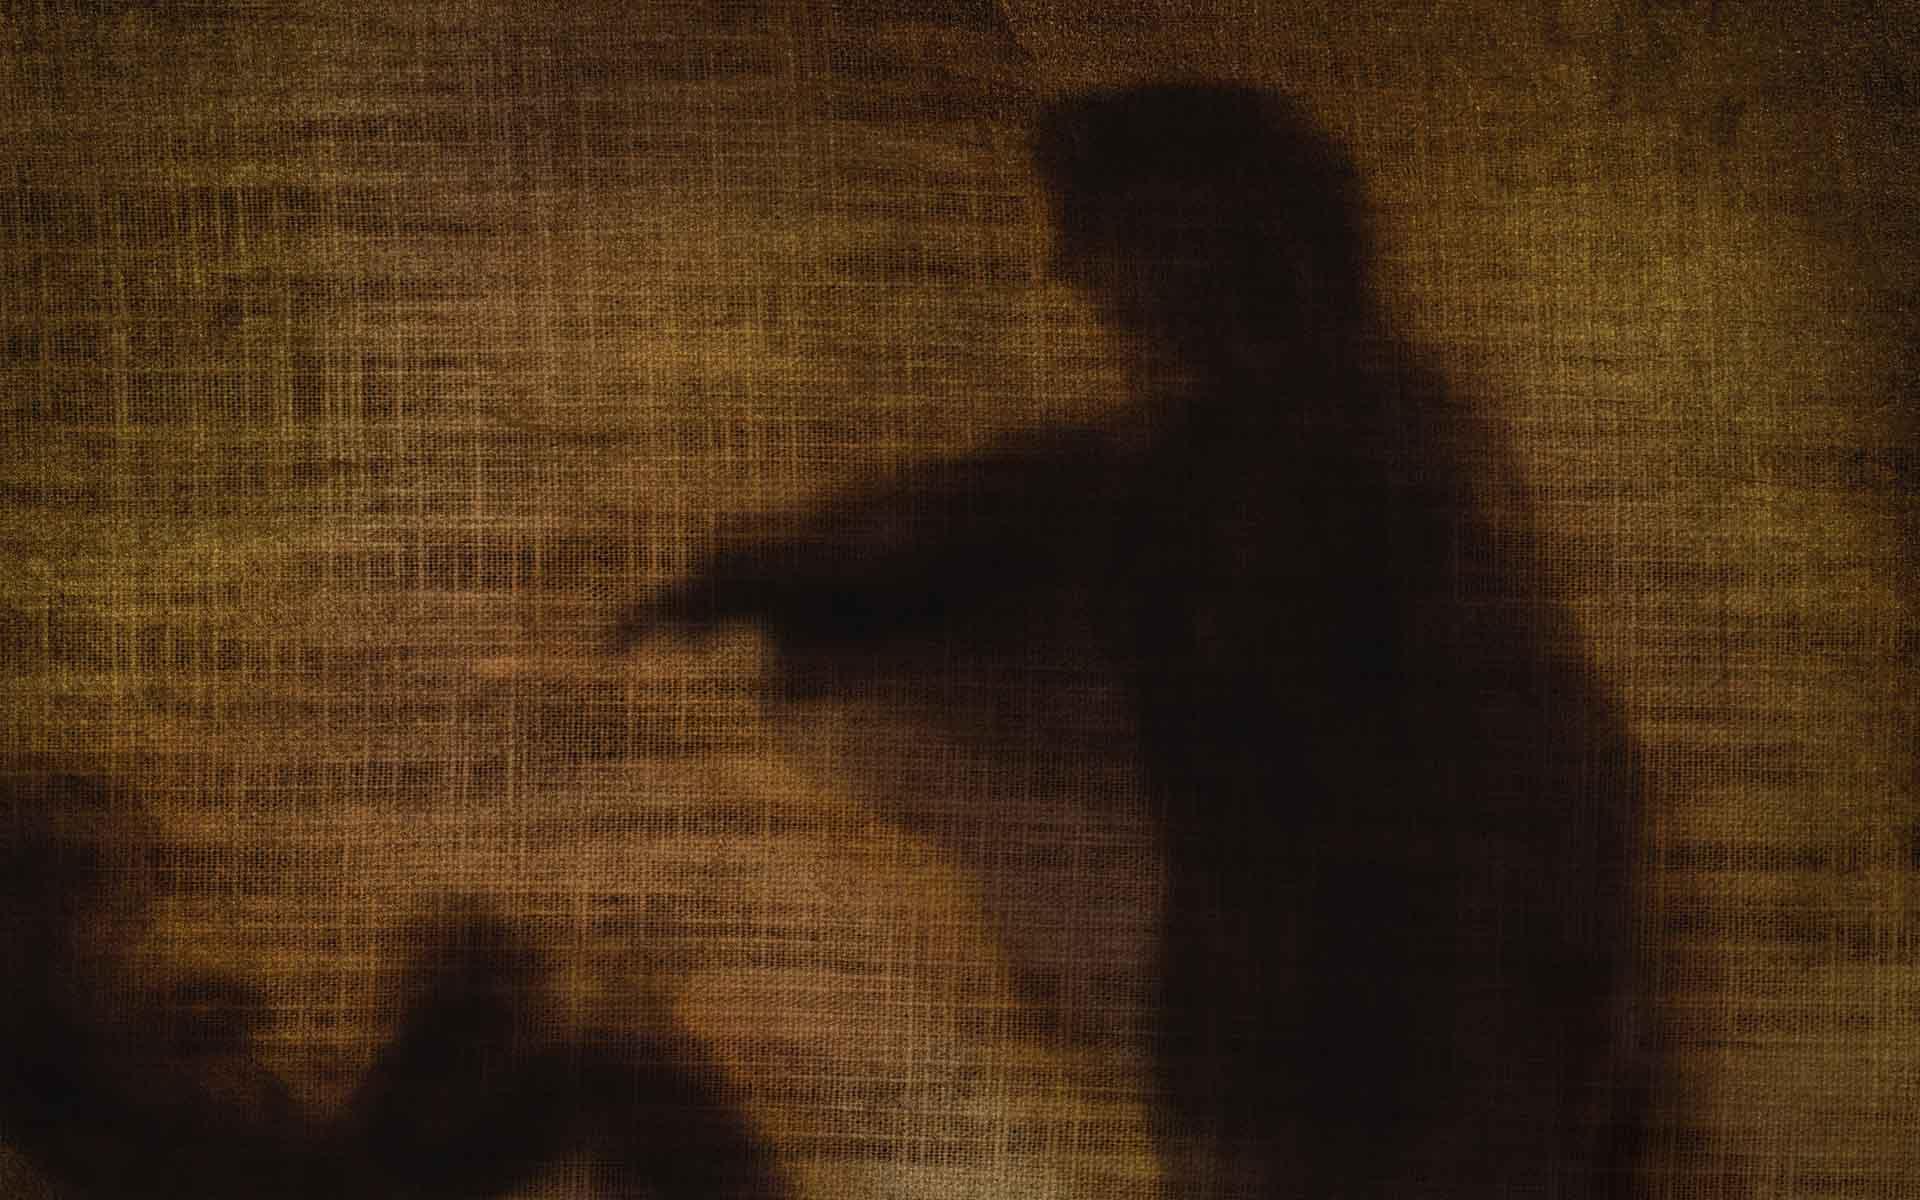 RELATO sombras zingaros